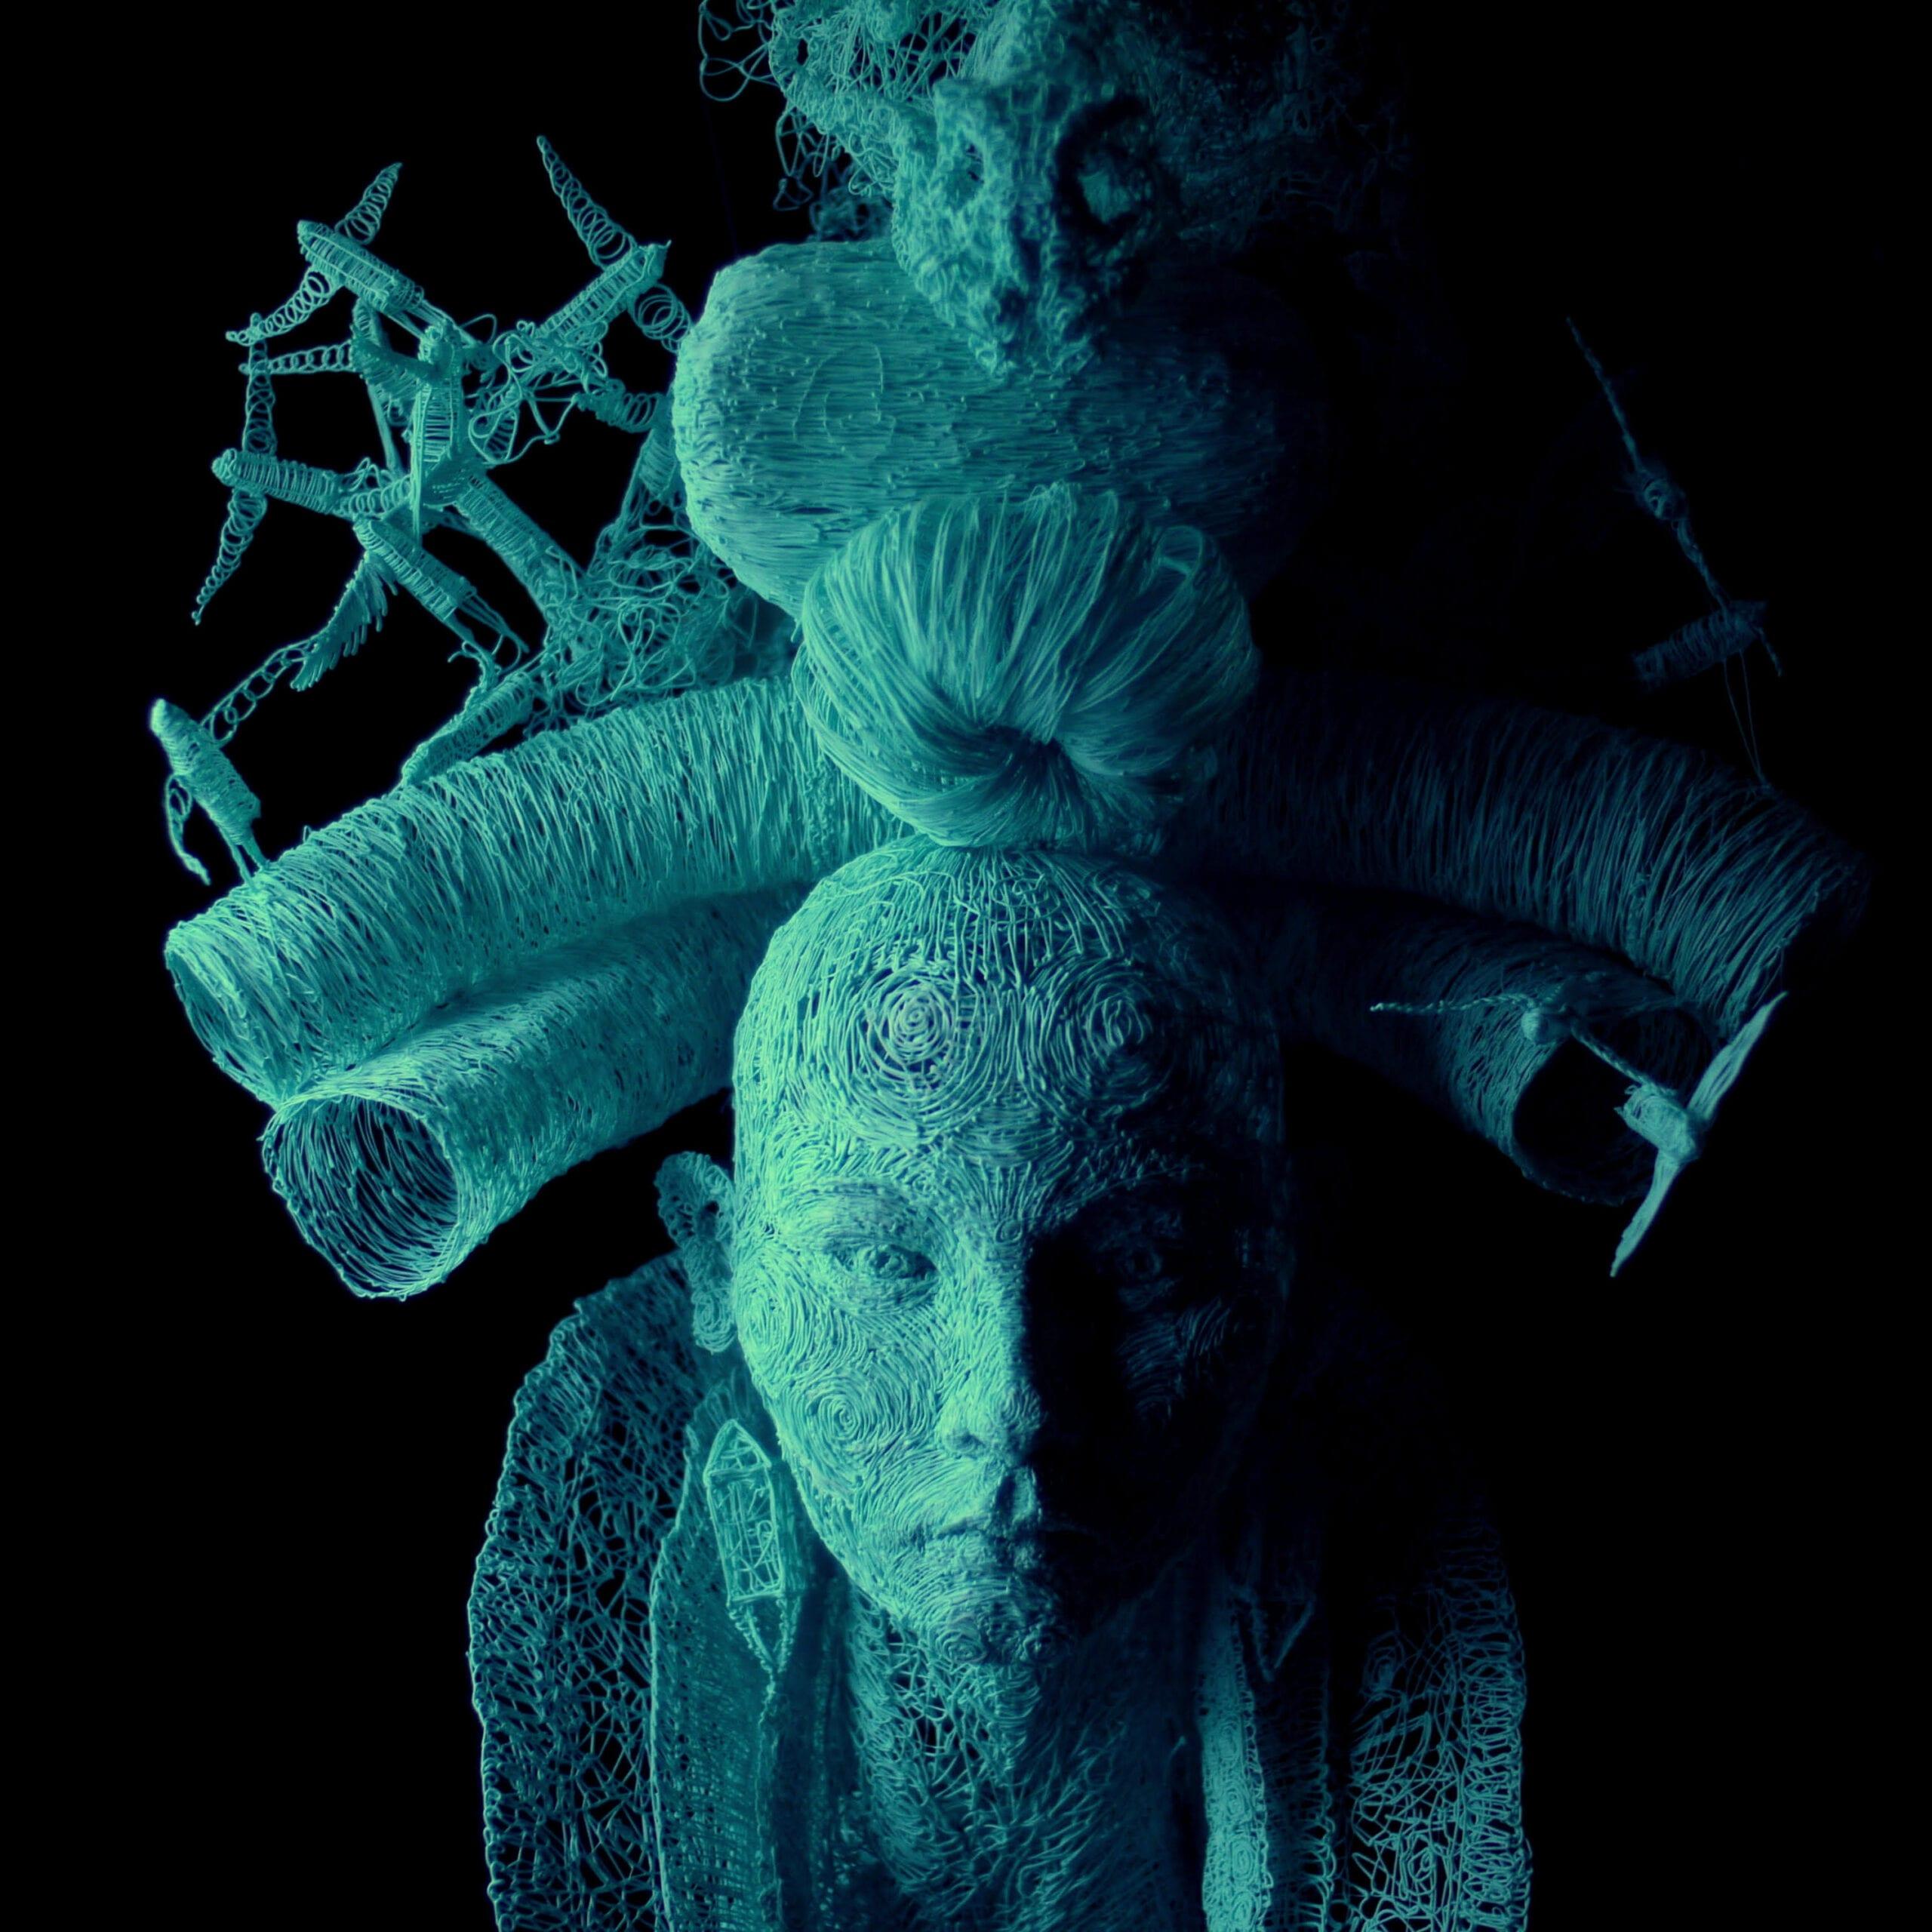 Как российские скульпторы работают в режиме самоизоляции